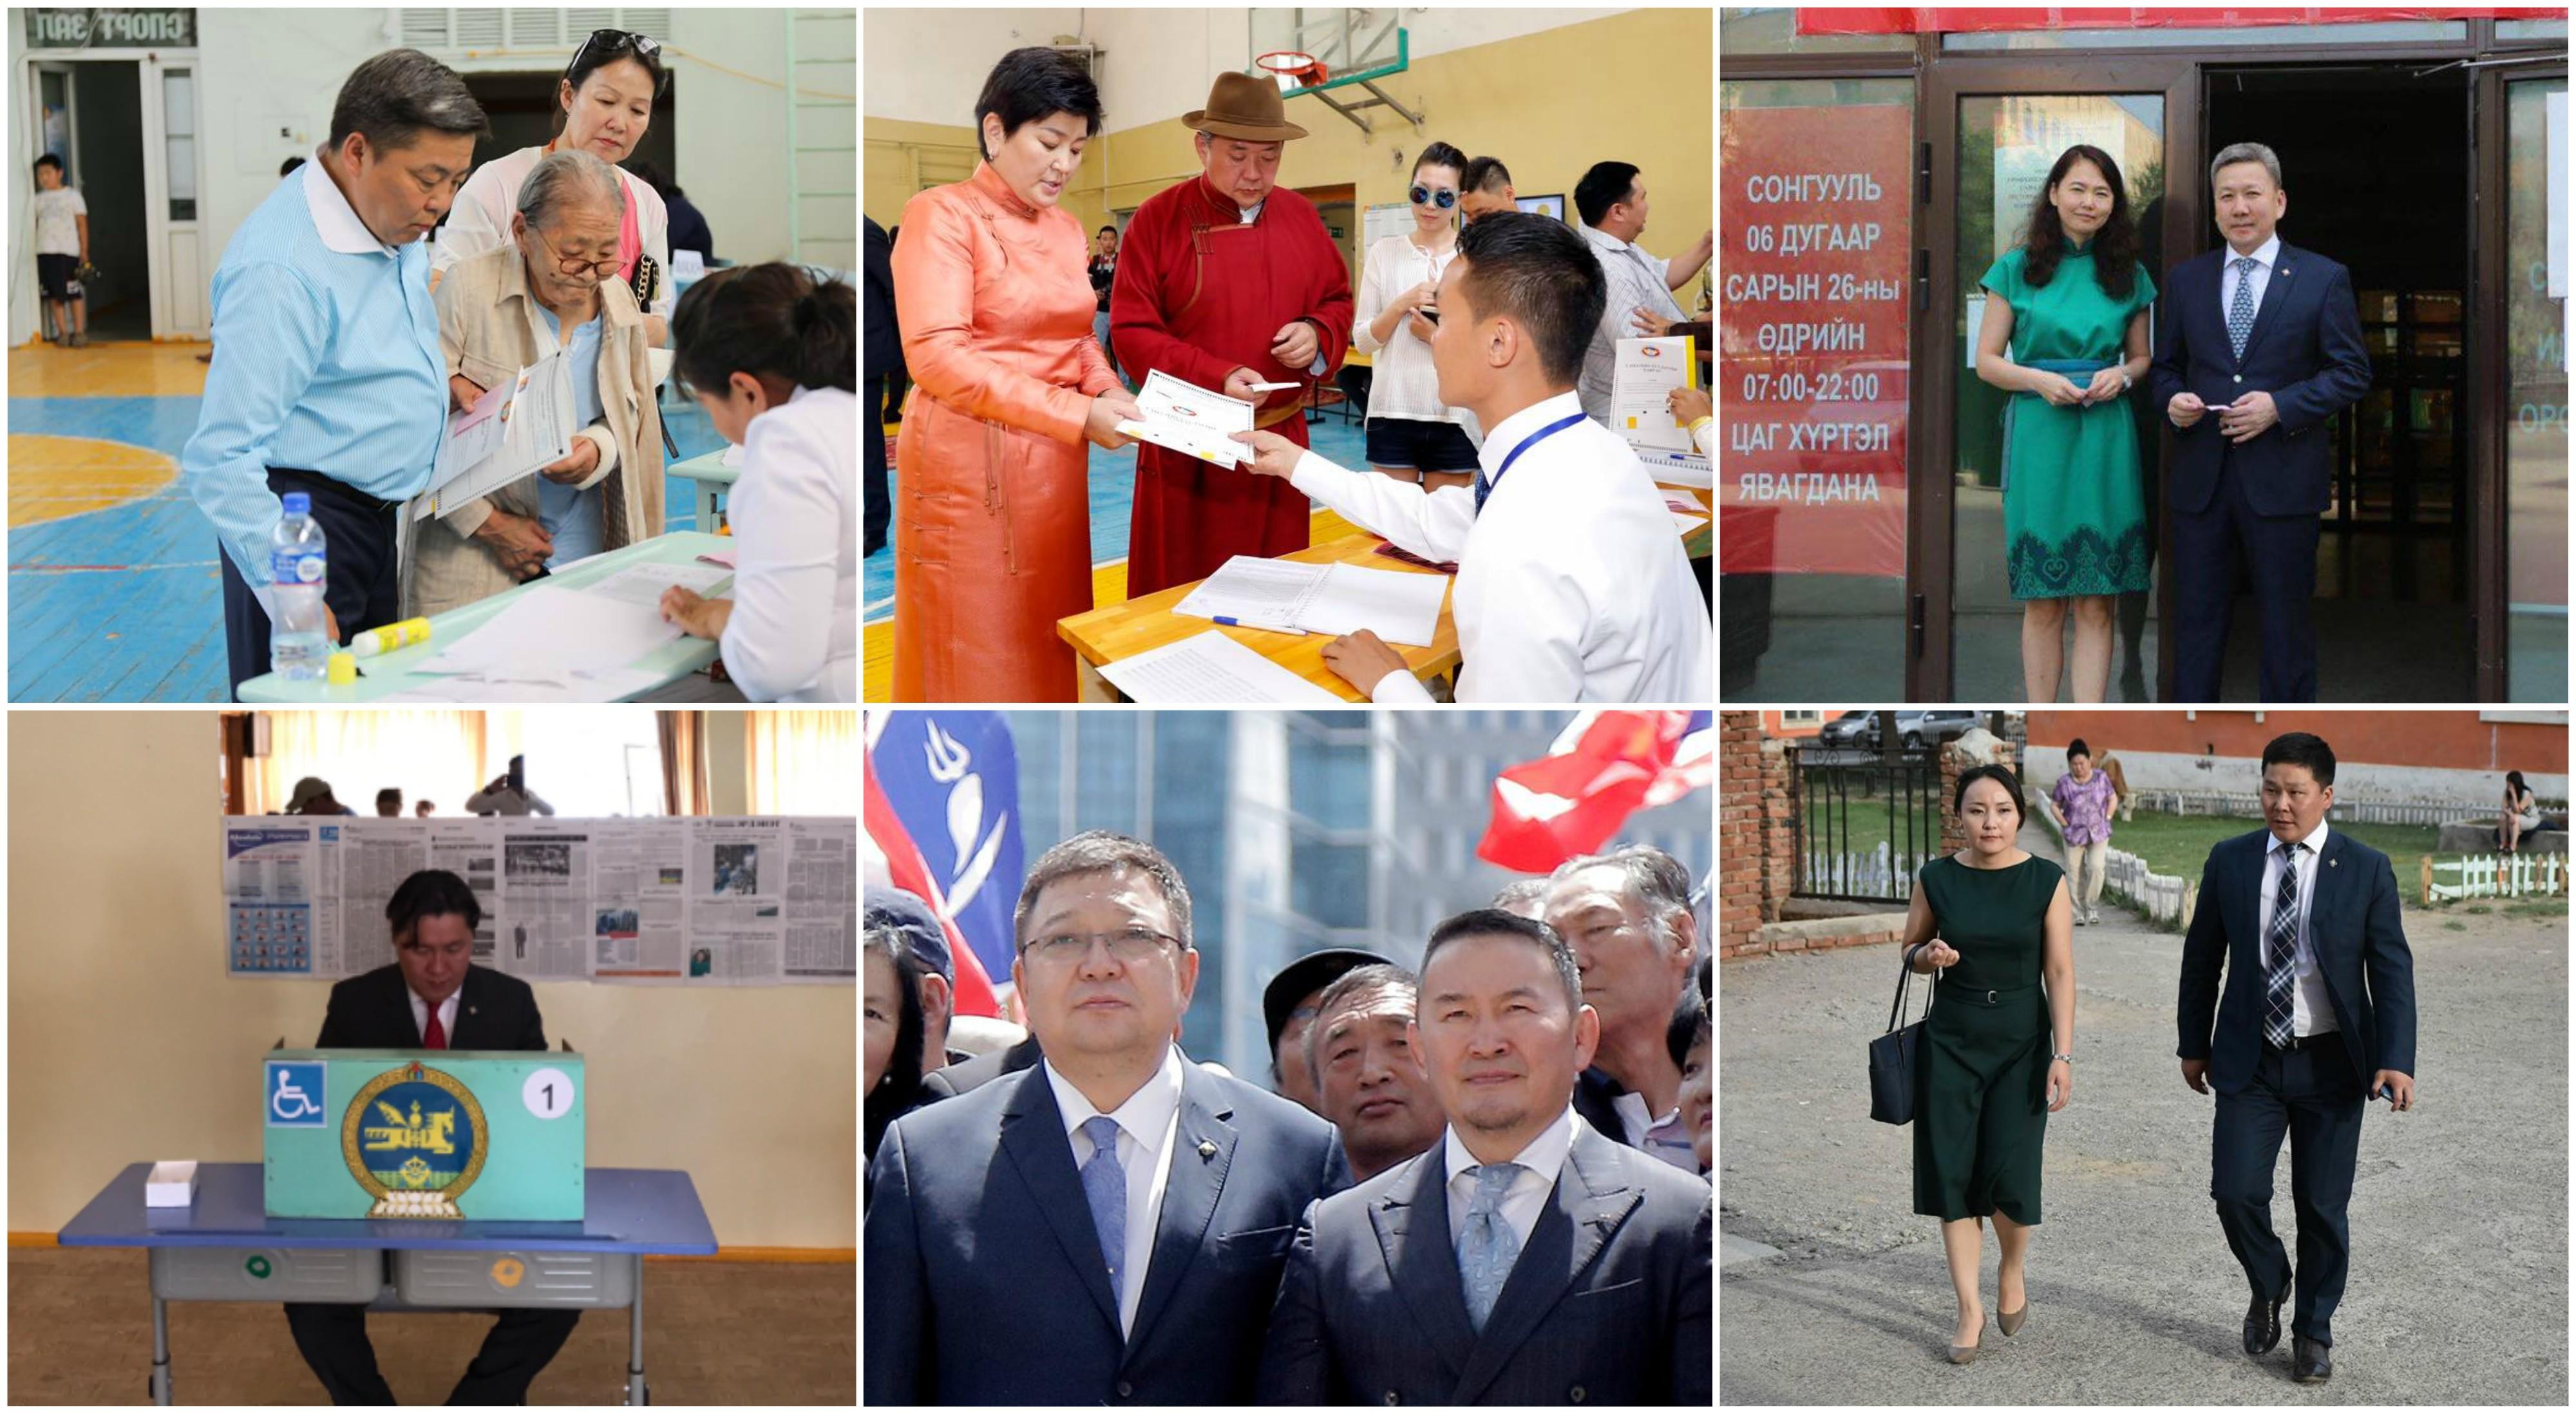 Монгол Улсын 5 дахь Ерөнхийлөгчийг сонгох өдөр гишүүд...